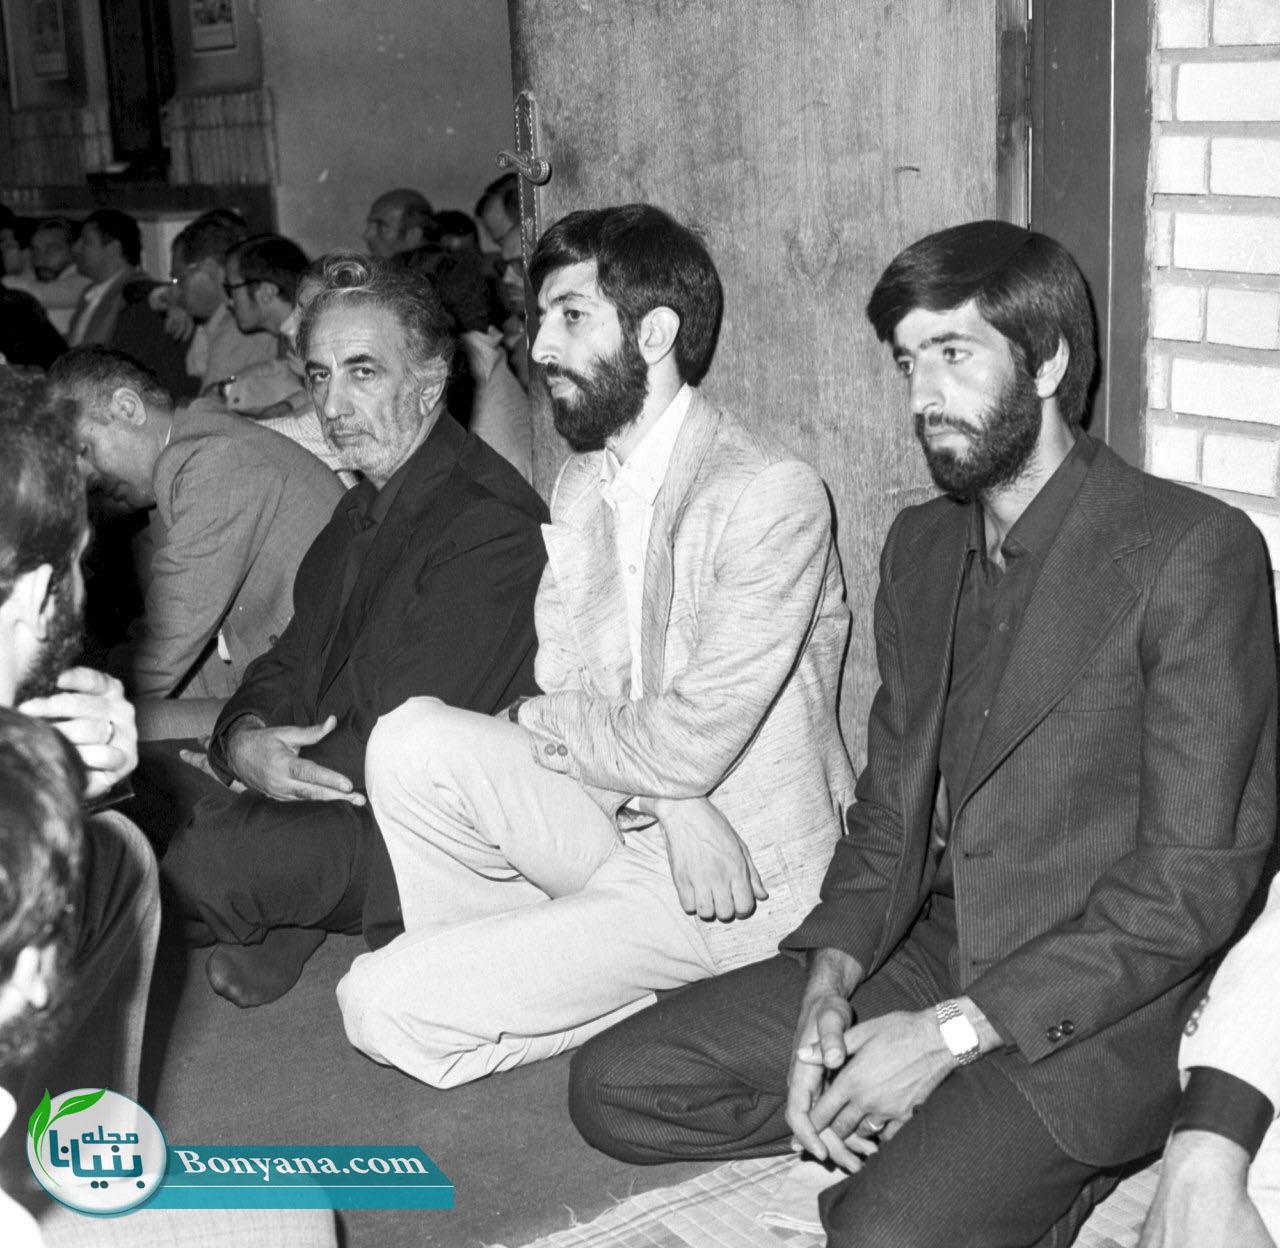 پدر دکتر حداد عادل که بود ؟ زندگینامه حاج رضا حداد عادل